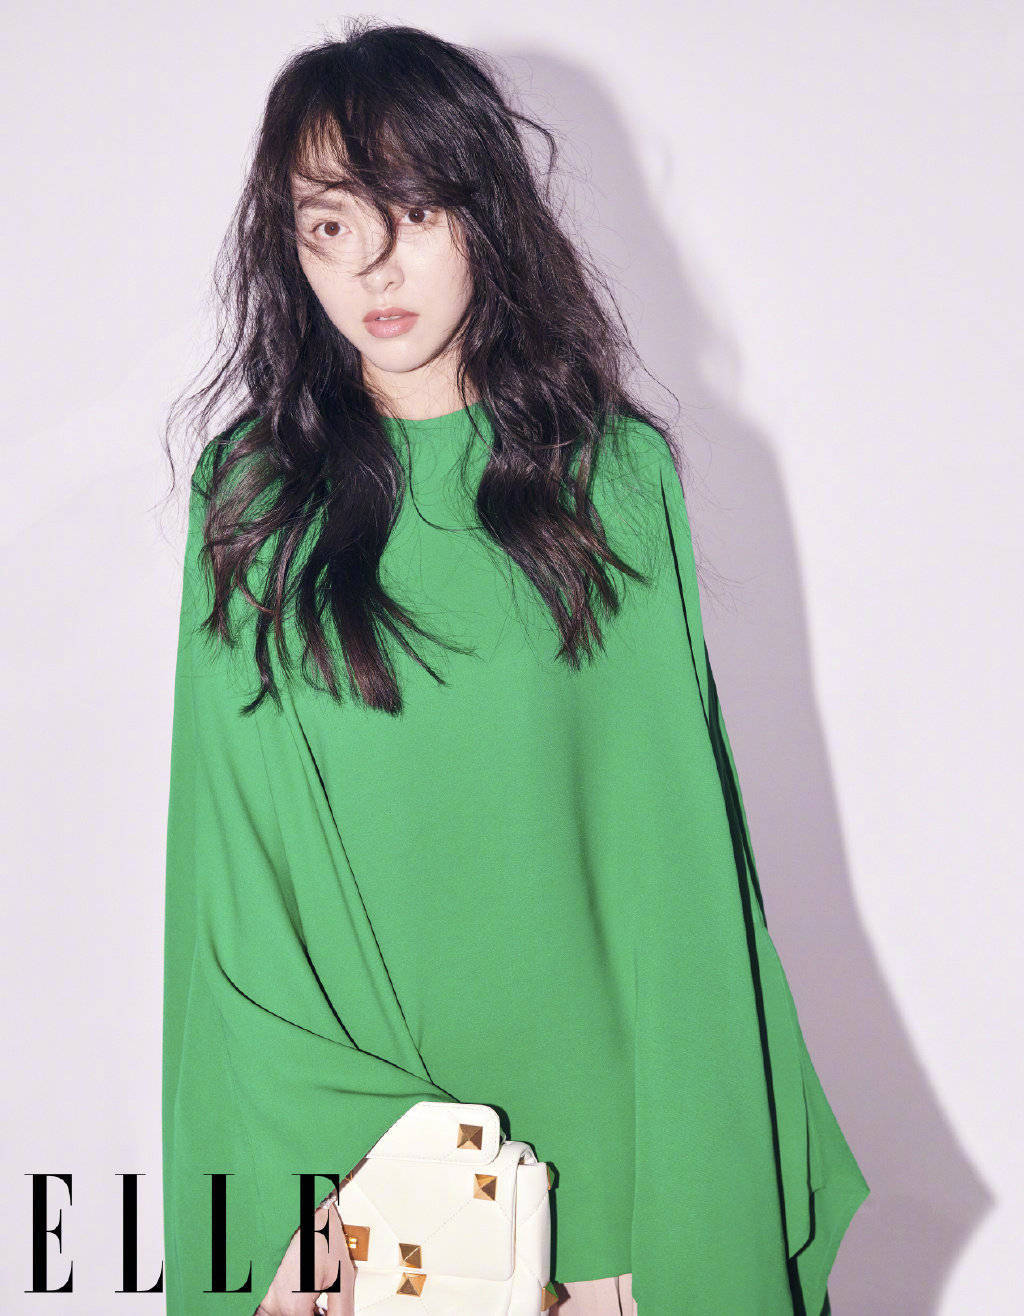 Đụng hàng hiệu trên tạp chí: Song Hye Kyo sắc lạnh, Đường Yên gây tranh cãi với style bù xù - Ảnh 3.